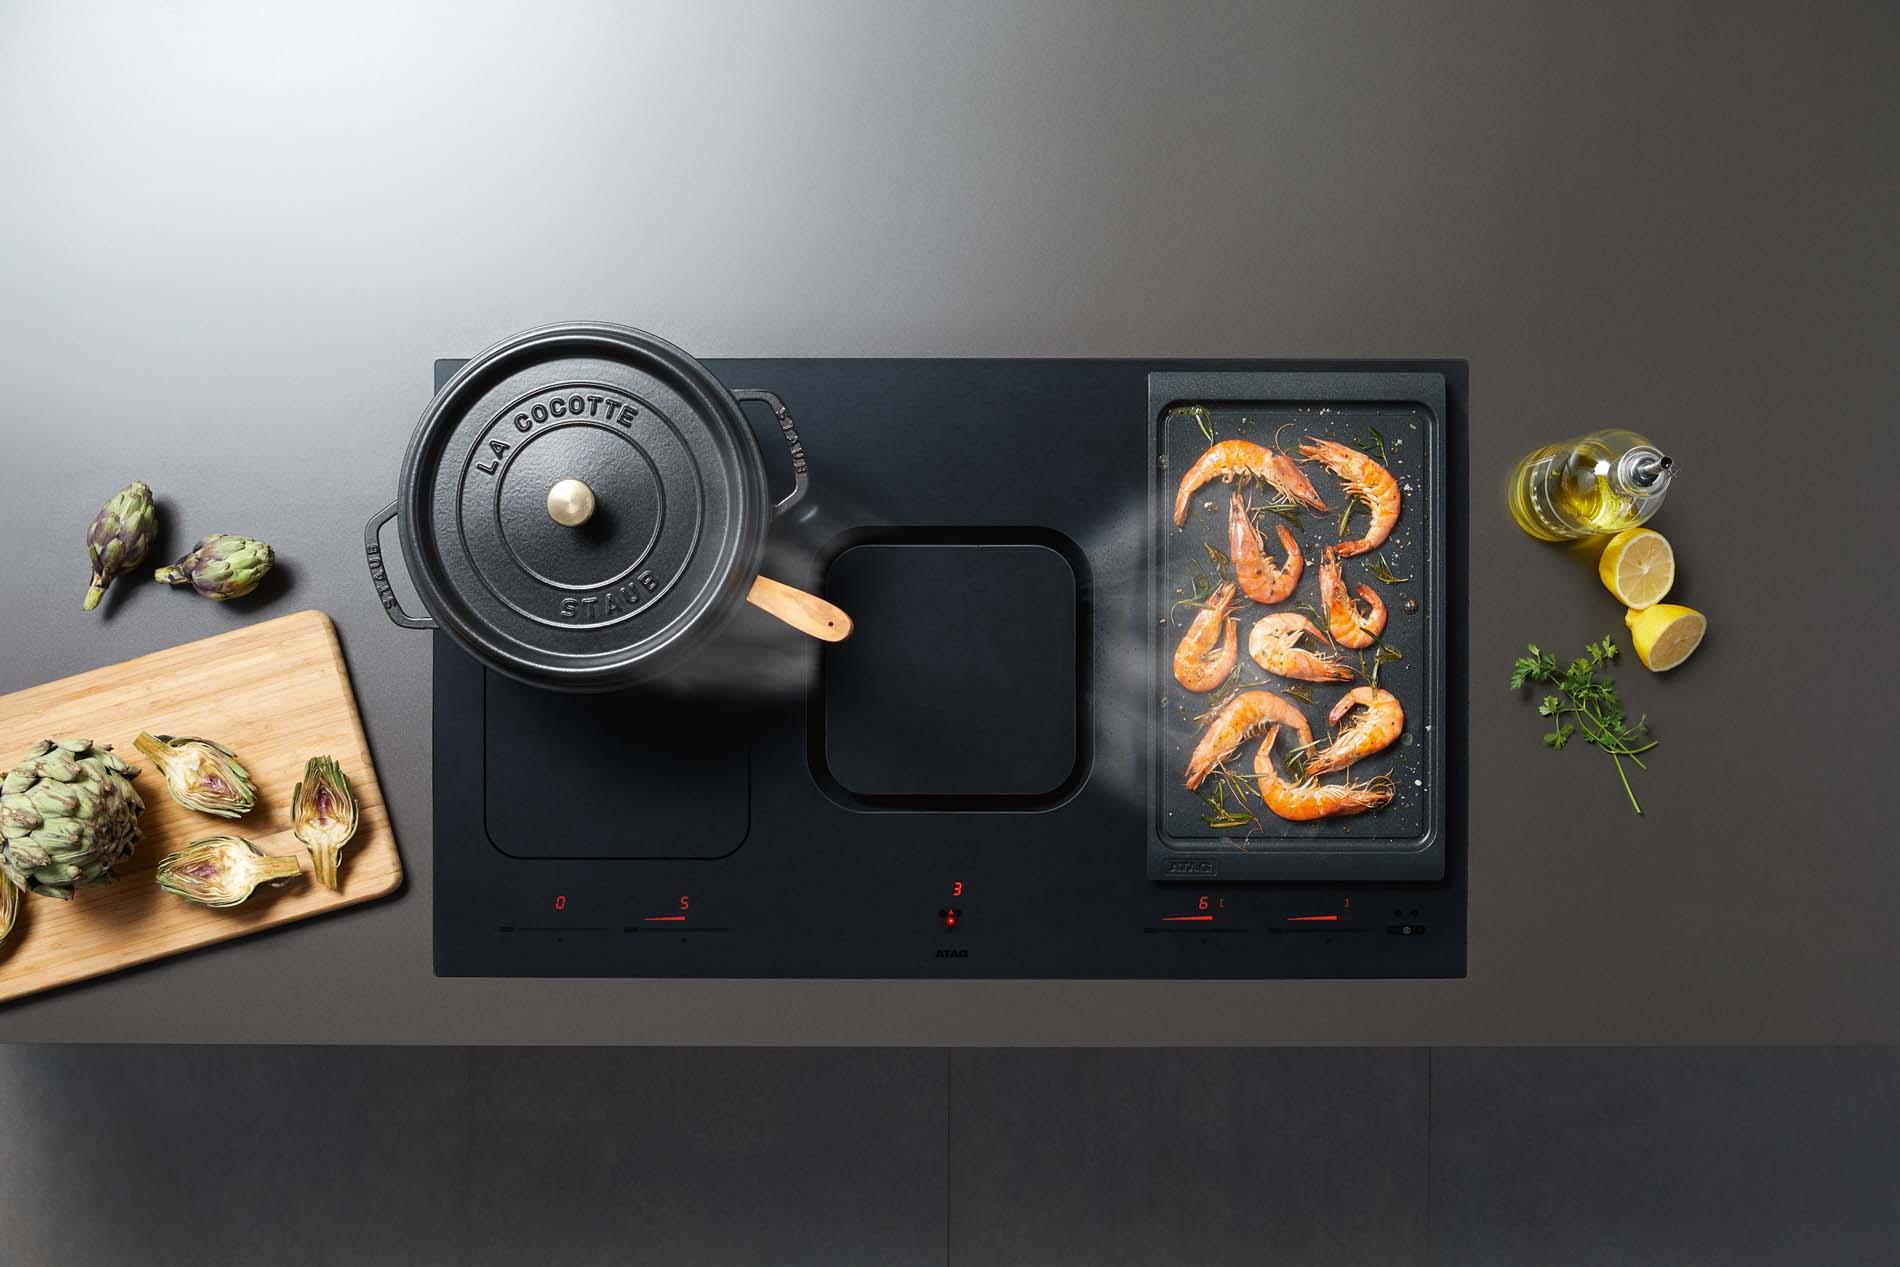 Atag inductie kookplaat met kookafzuiging #atag #inductie #kookplaat #keuken